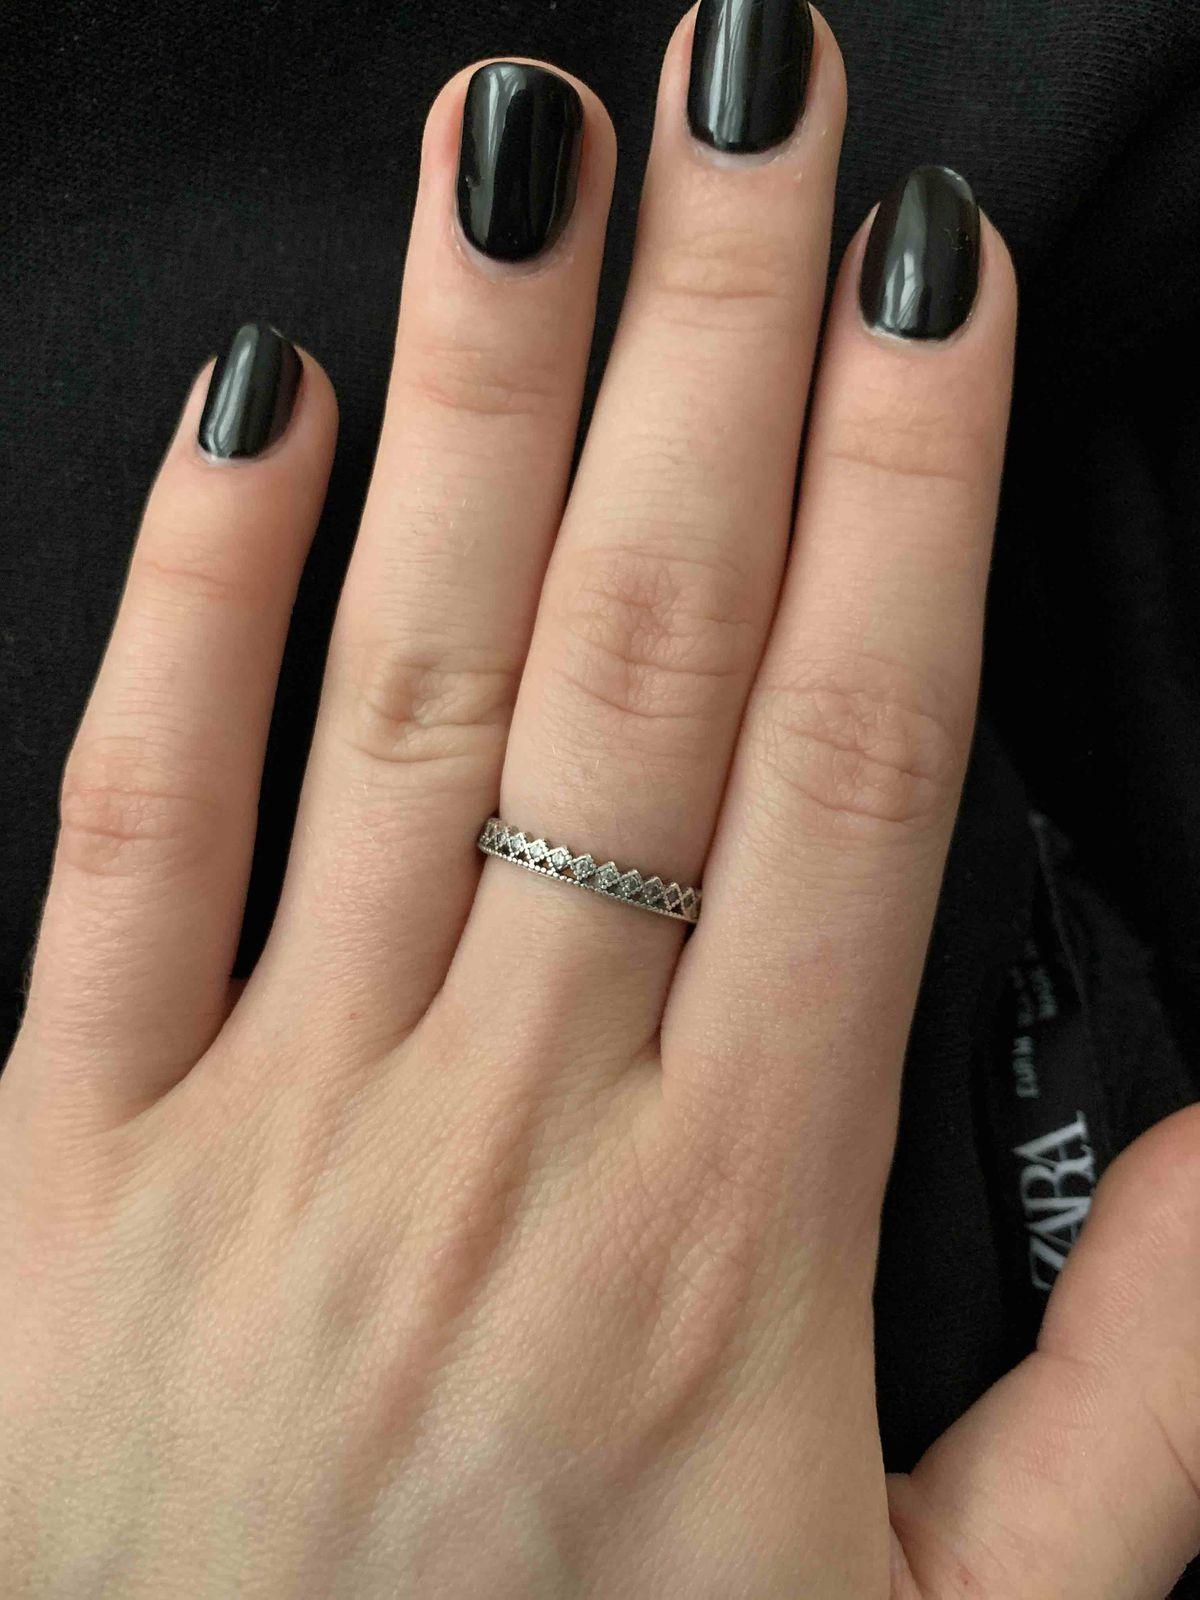 Хорошее минималистичное кольцо